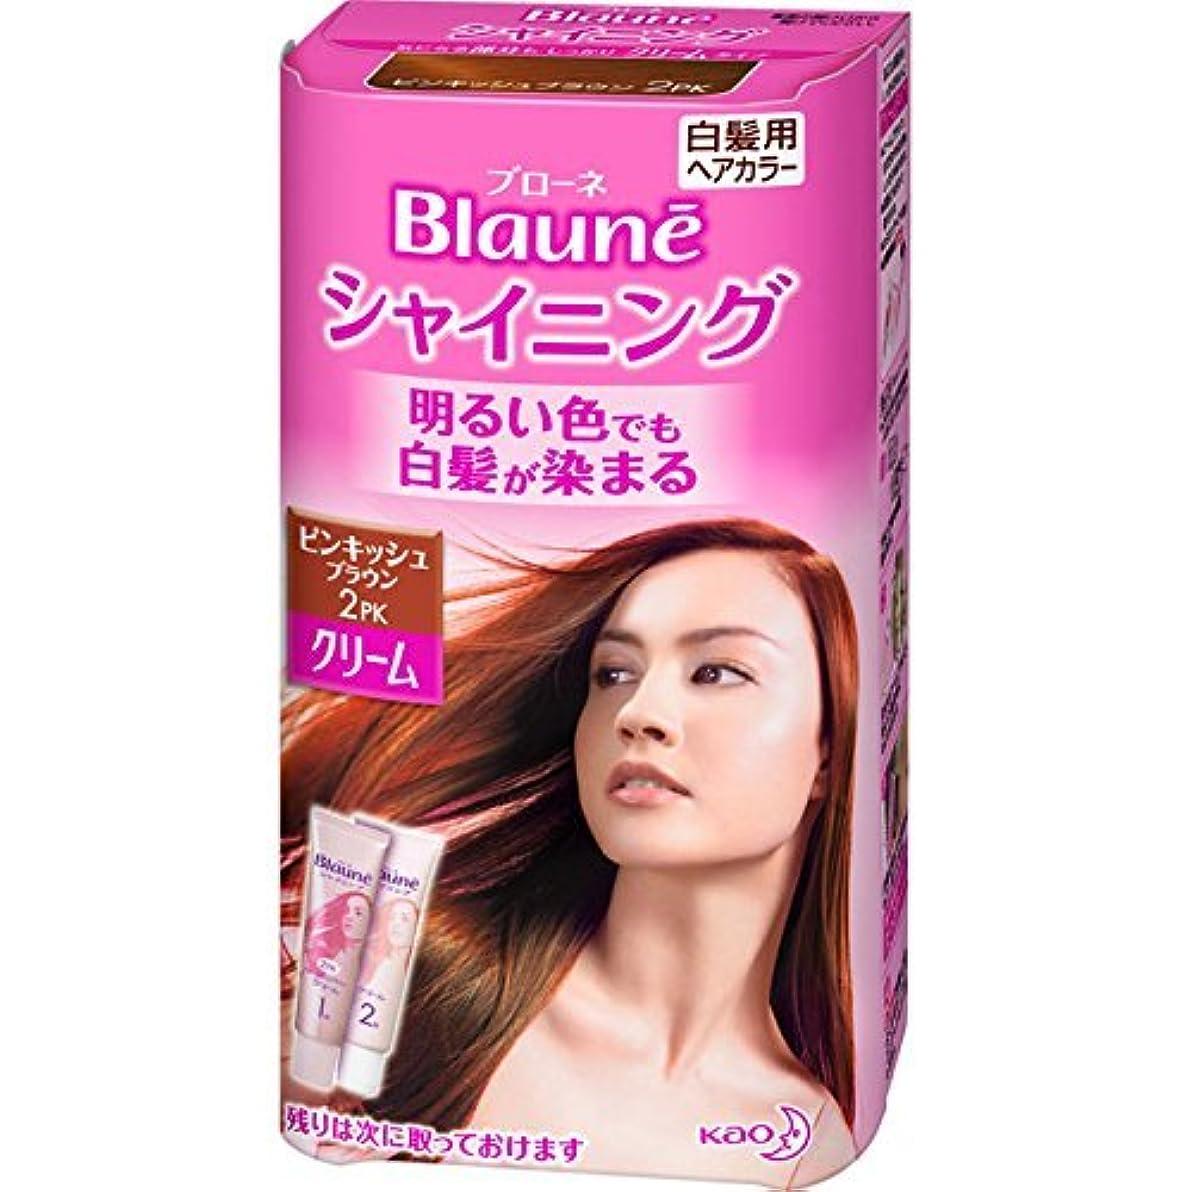 意外蛇行小さい花王 ブローネ シャイニングヘアカラー クリーム 2PK 1剤50g/2剤50g(医薬部外品)《各50g》